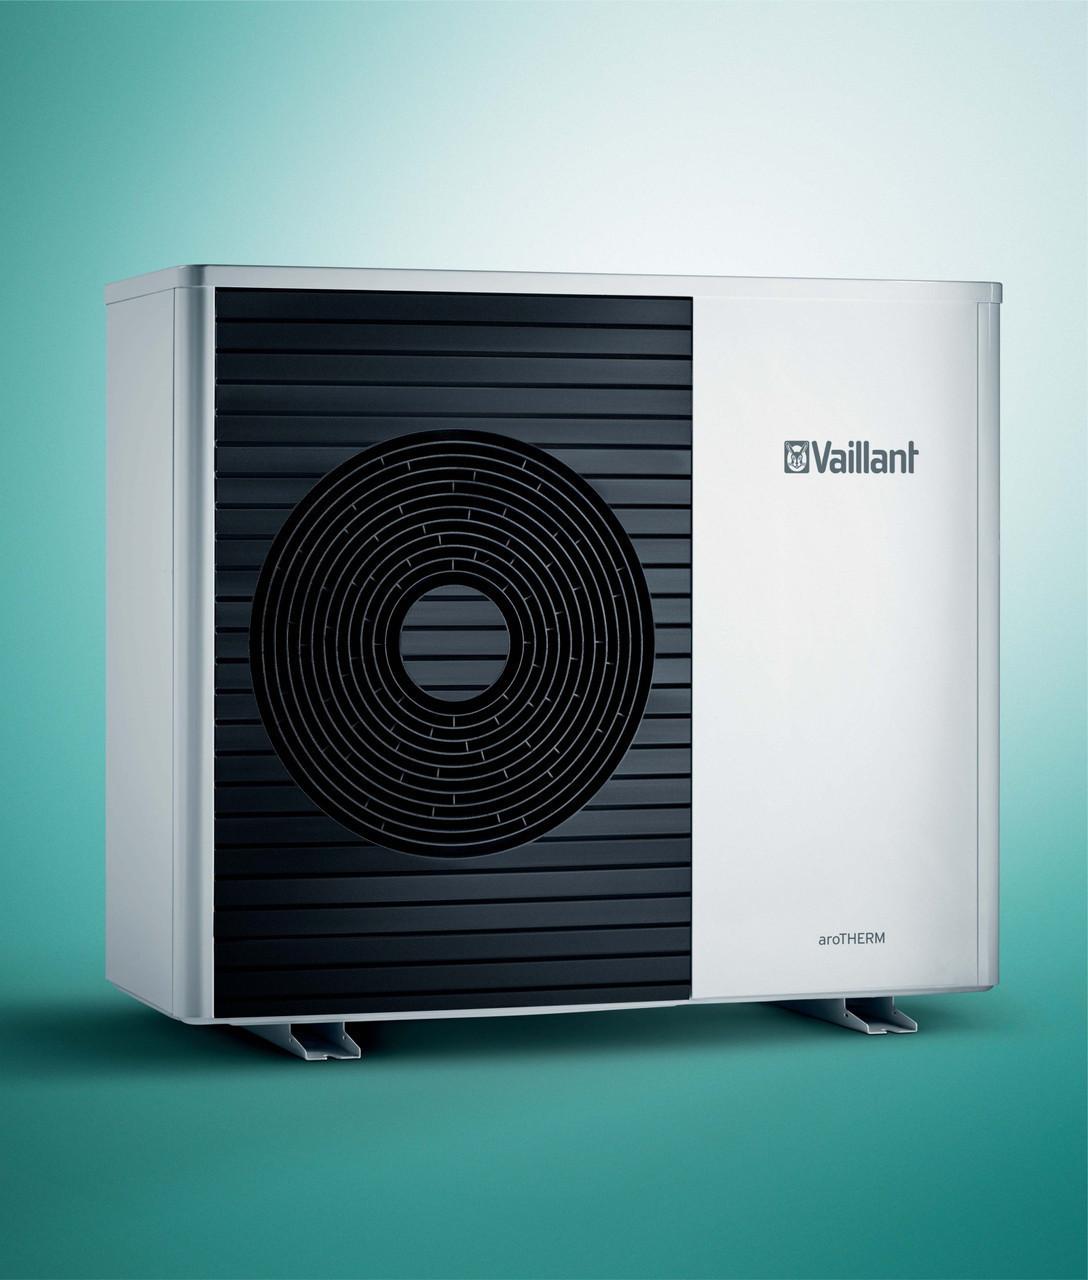 Тепловой насос для отопления, горячего водоснабжения и охлаждения Vaillant aroTHERM split   VWL 125/5 AS